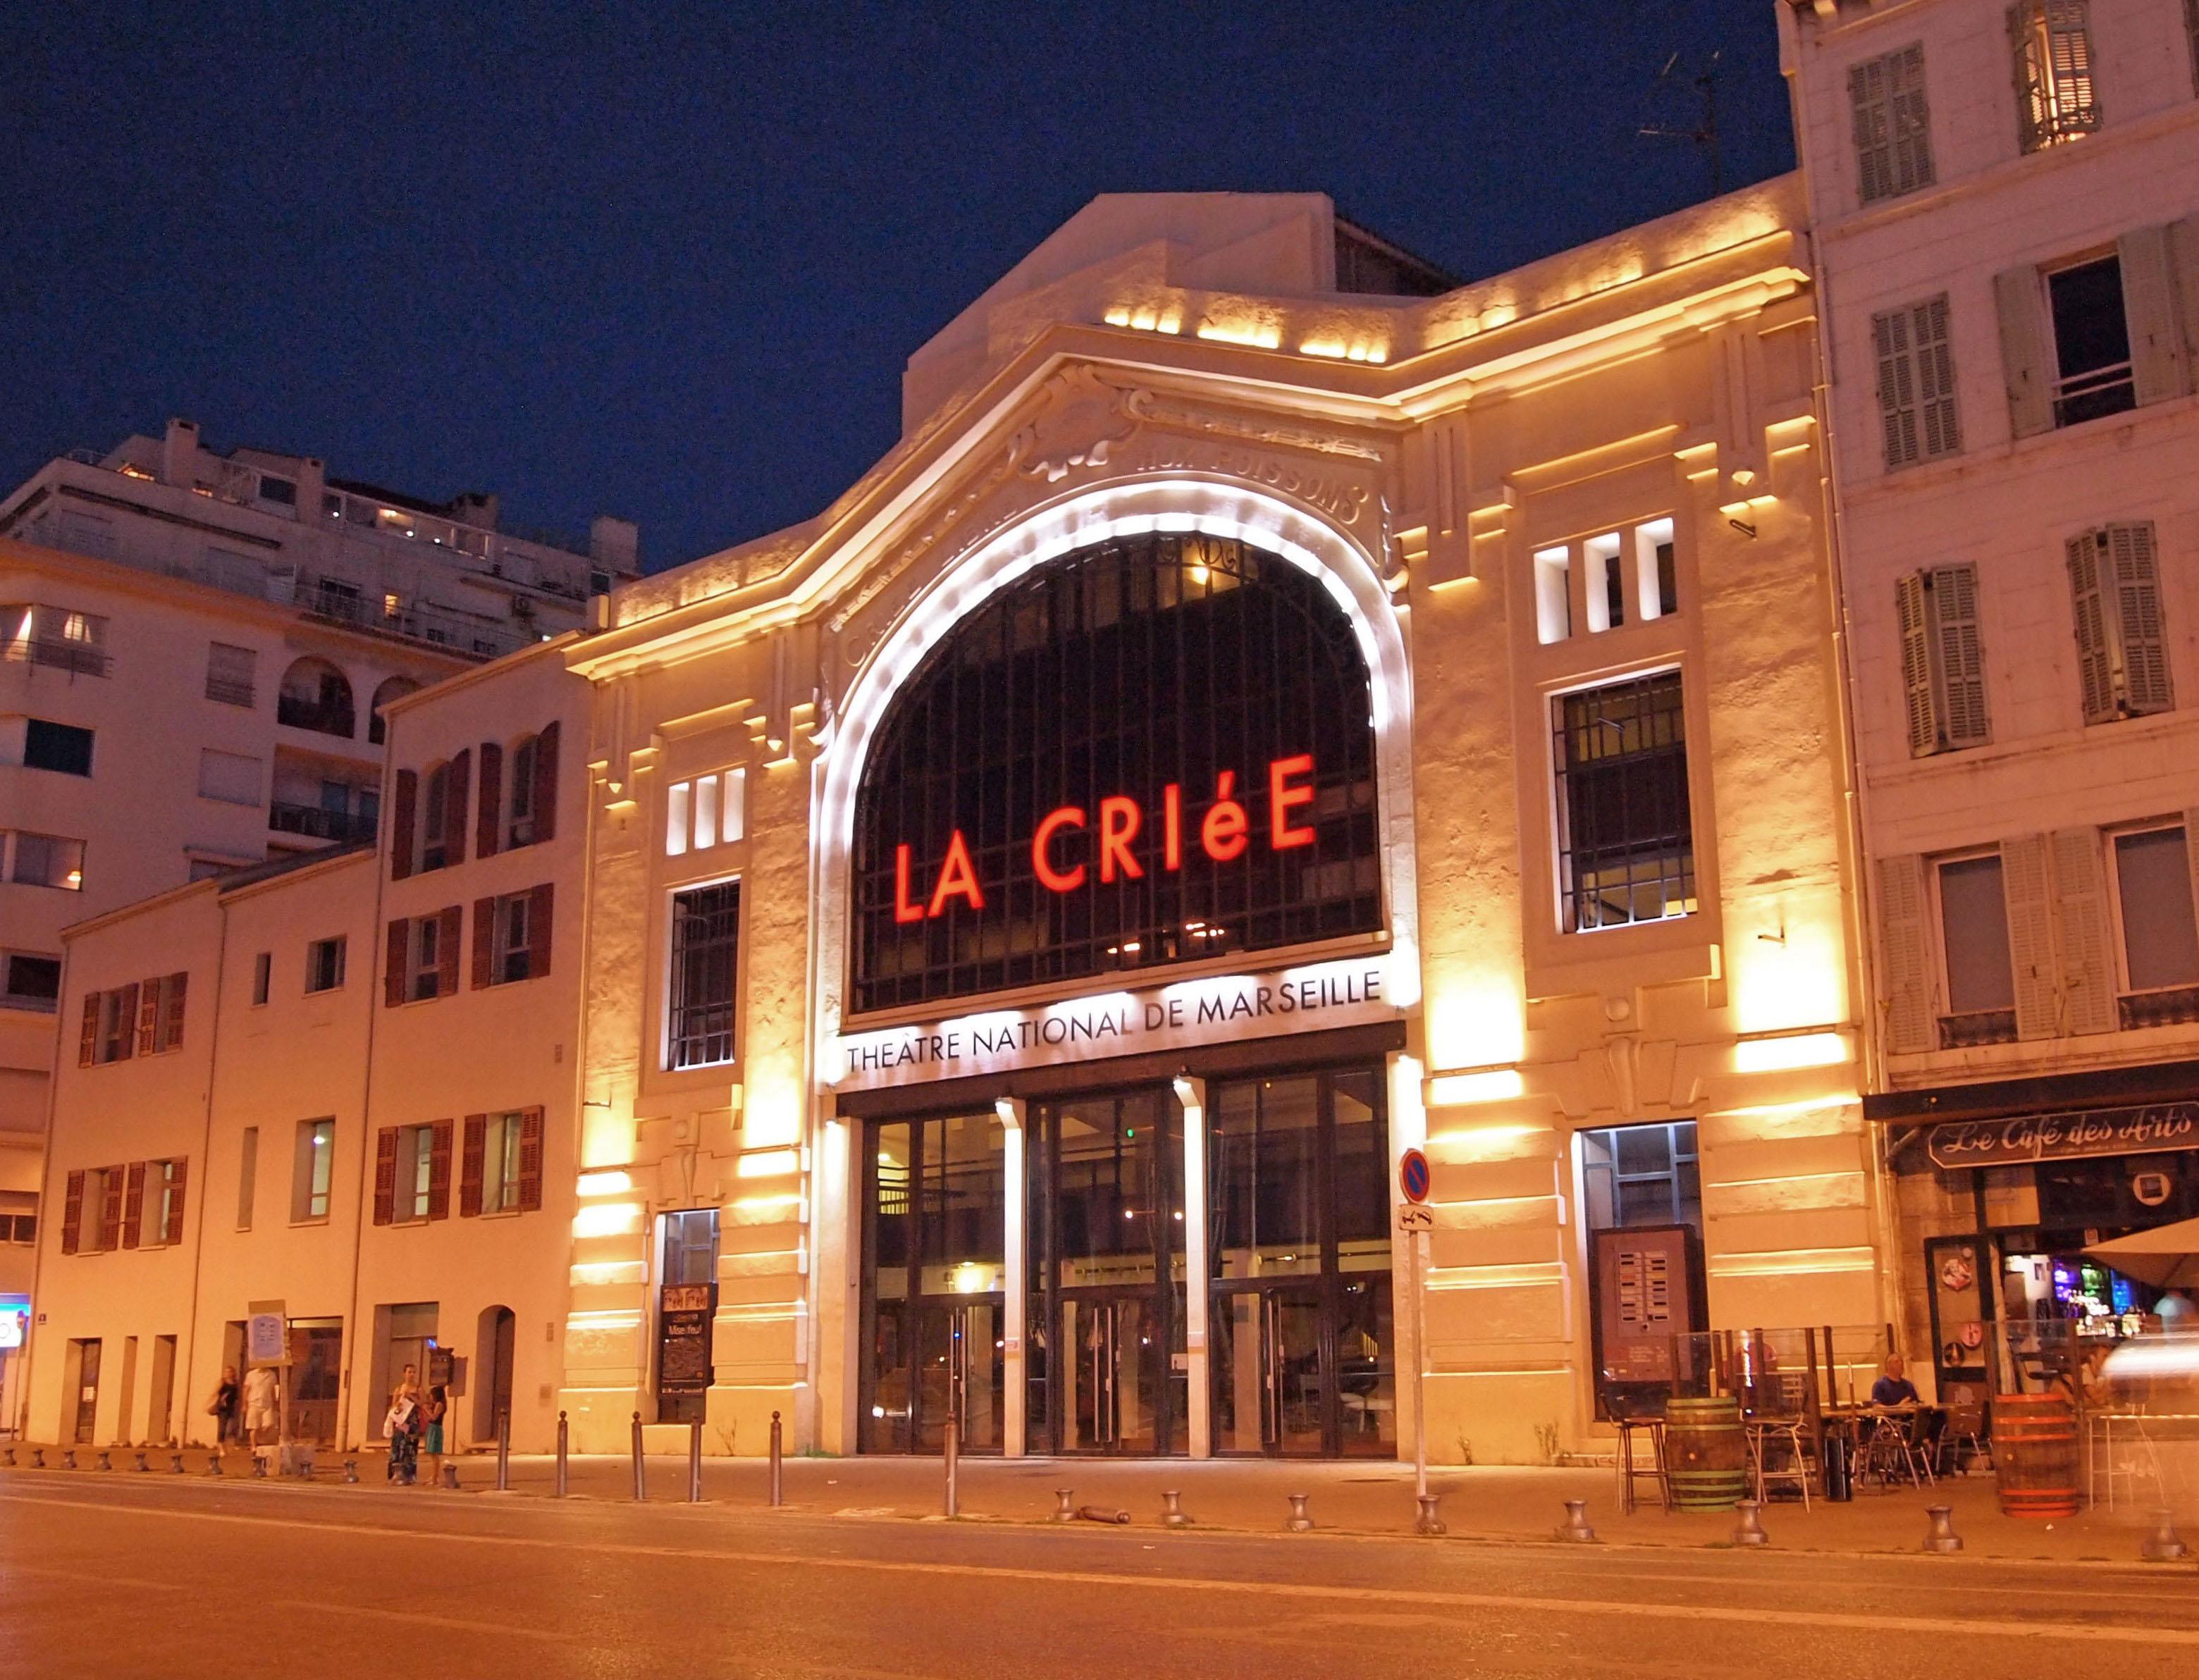 Restaurant Le Criee St Germain En Laye